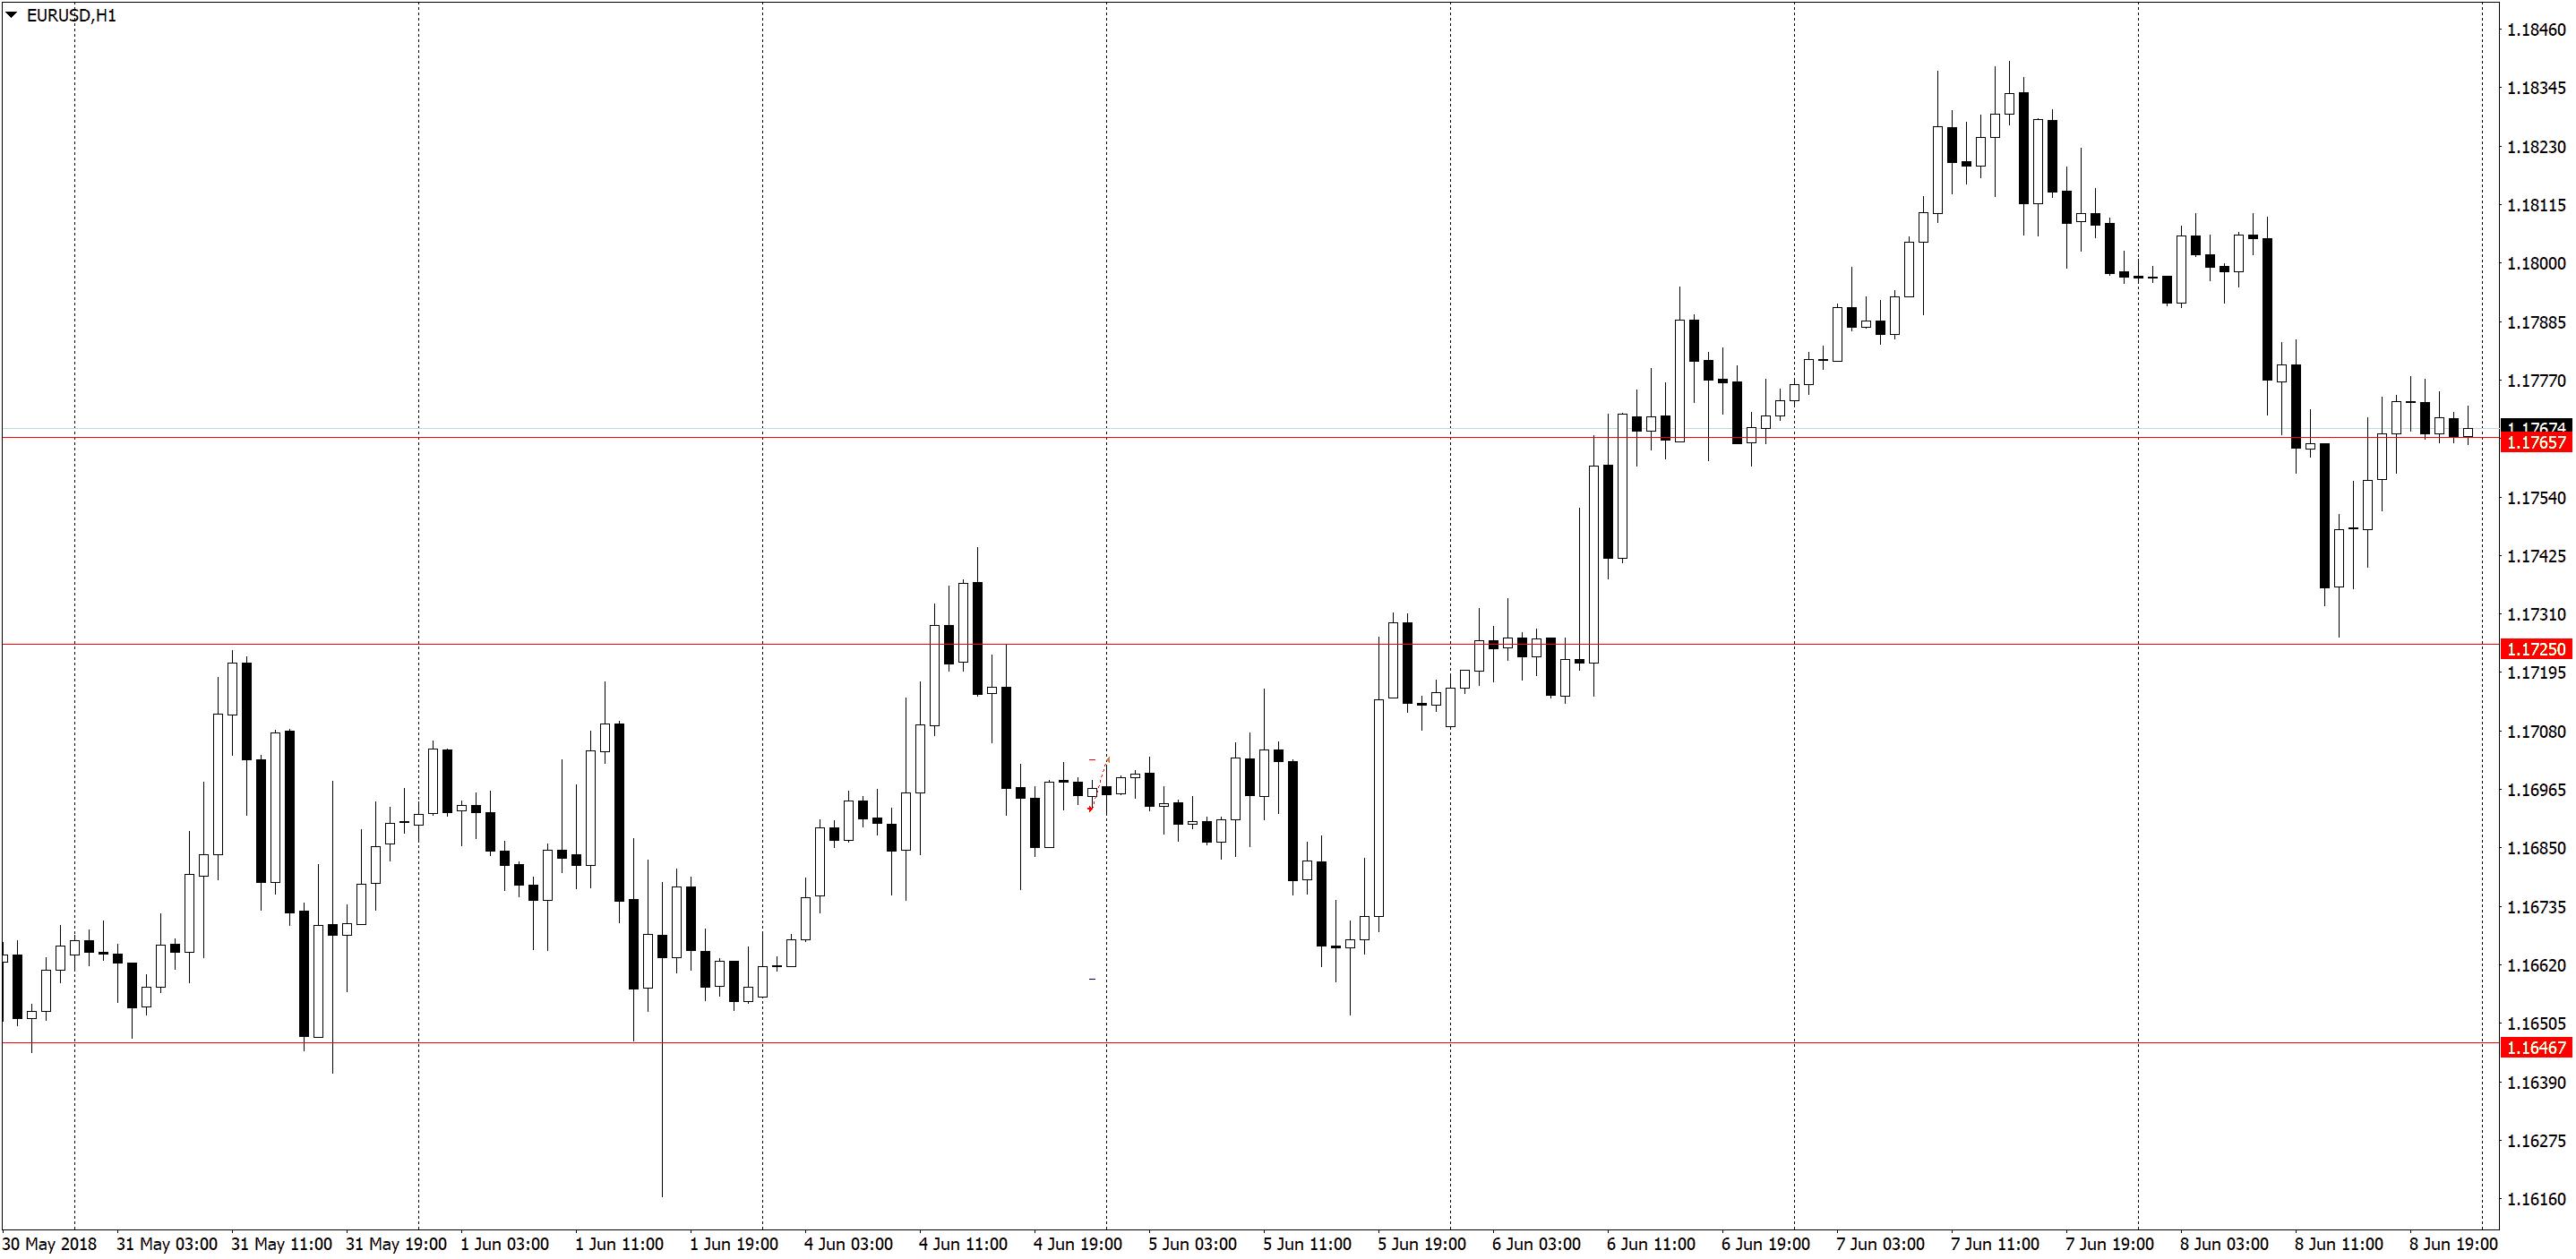 EURUSDH1 1 Торговля по H1, трейдинг в удовольствие, три состояния рынка